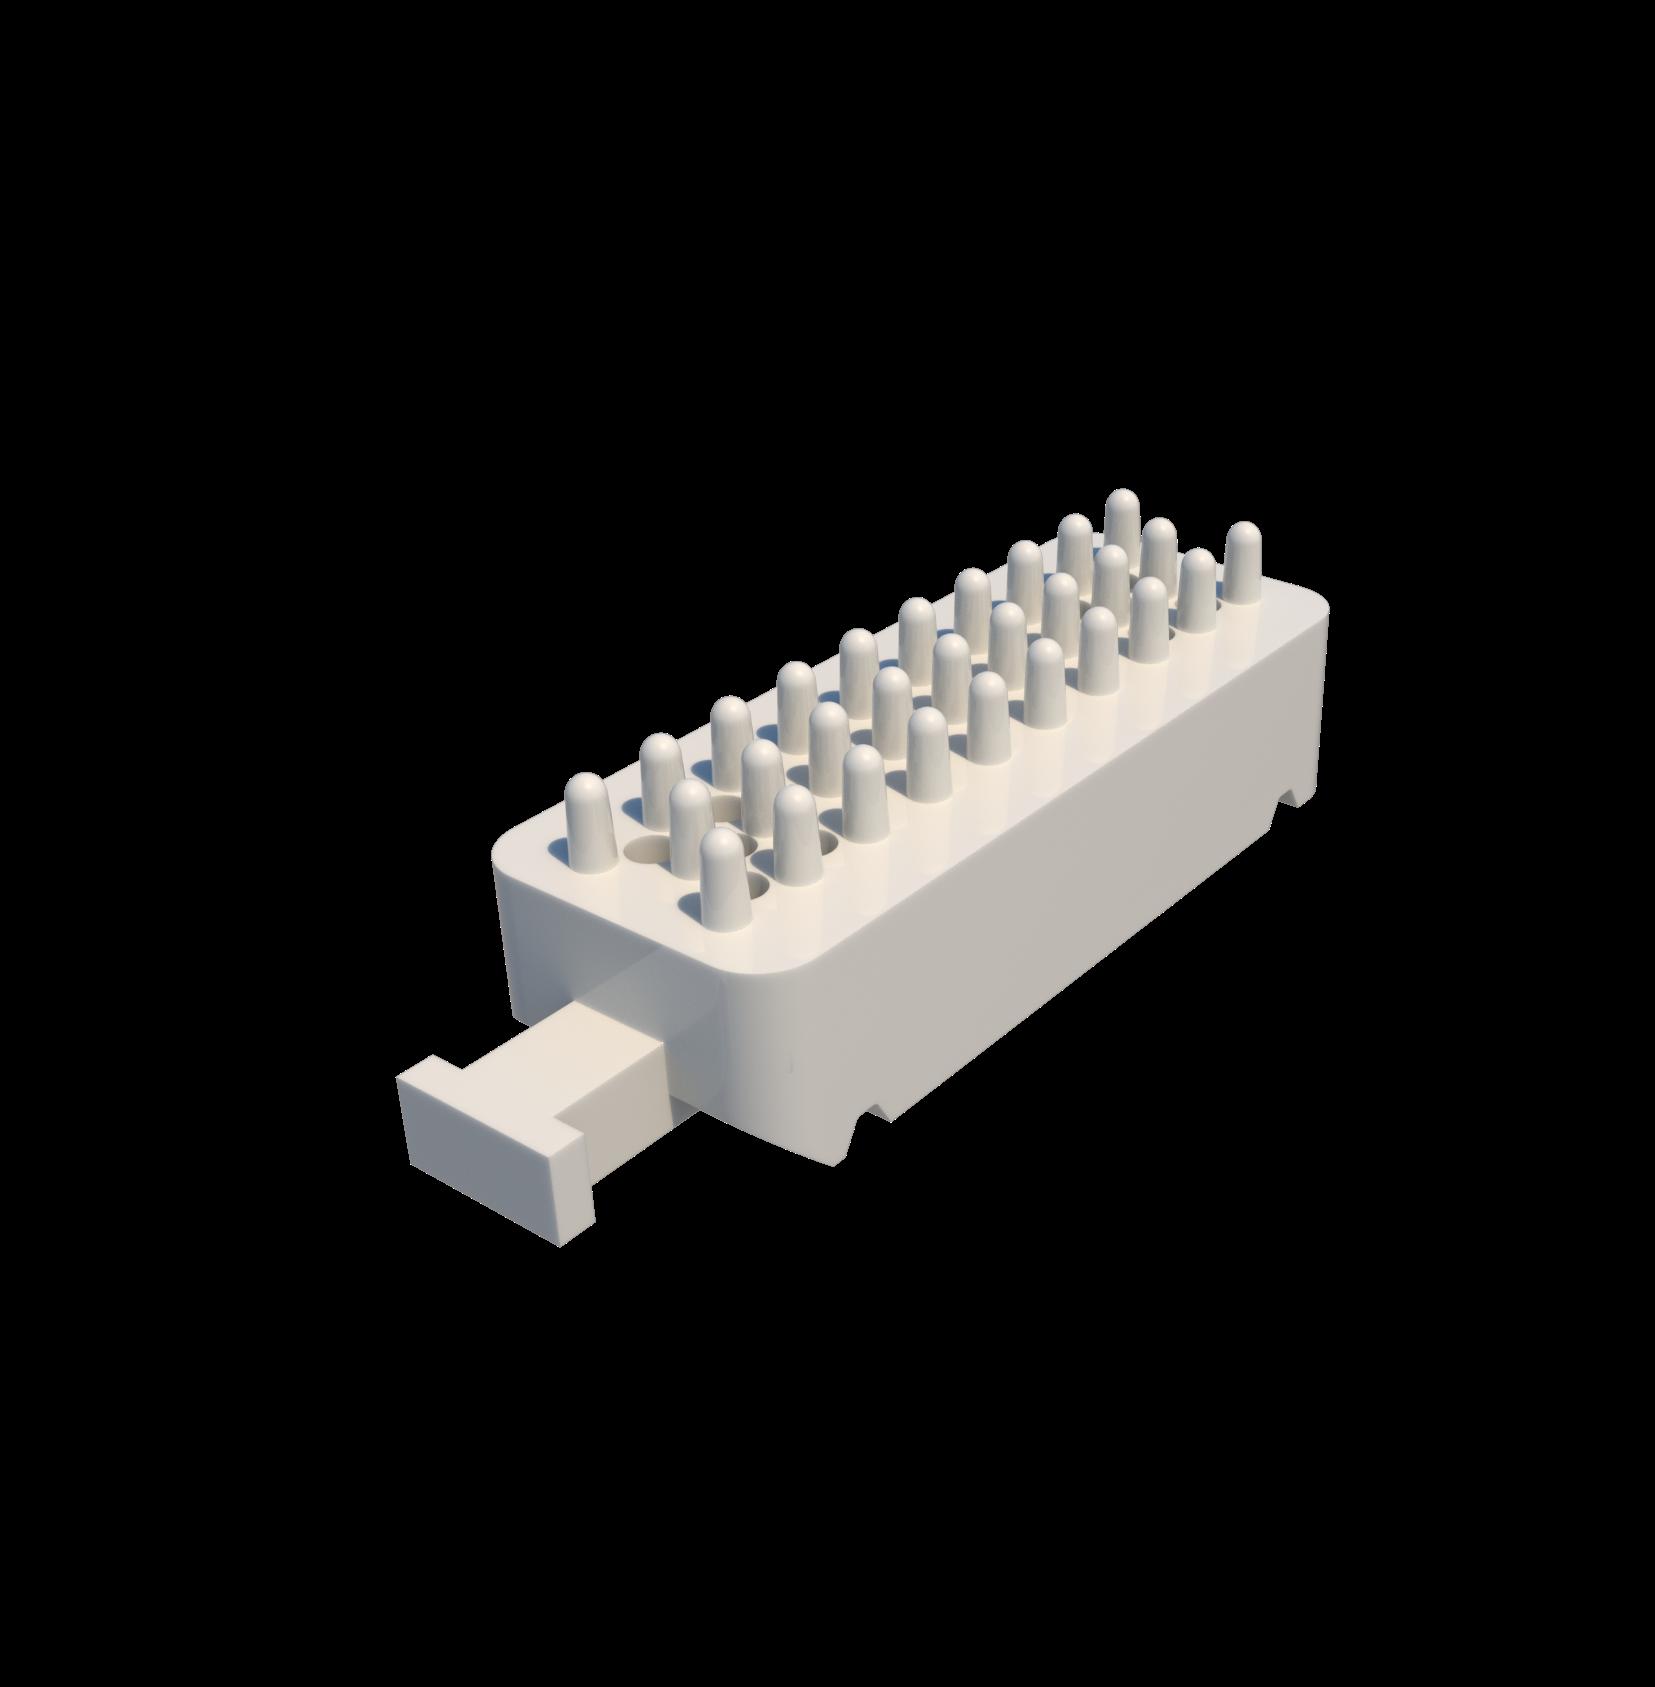 Placa base gesso arcada parcial (Pacote com 50 peças)